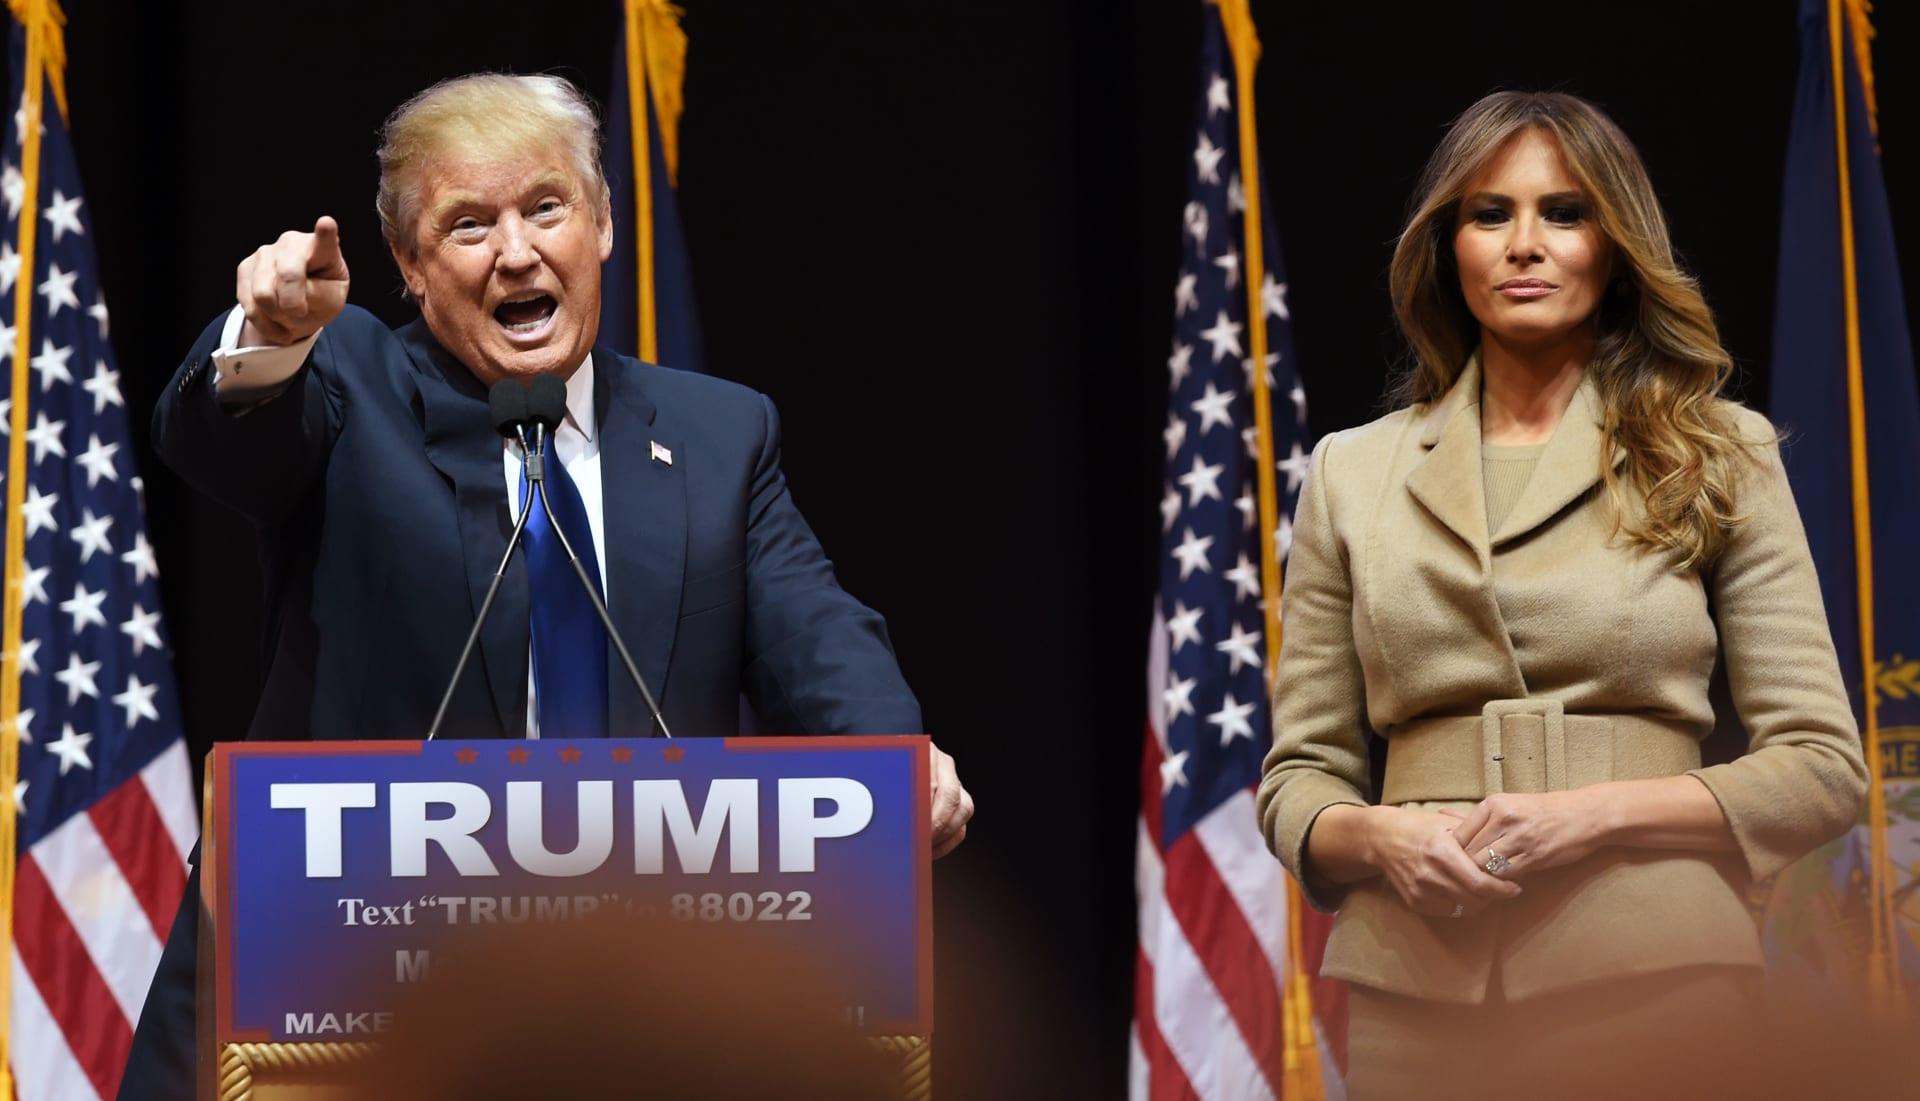 بماذا توعد دونالد ترامب زوجة تيد كروز؟